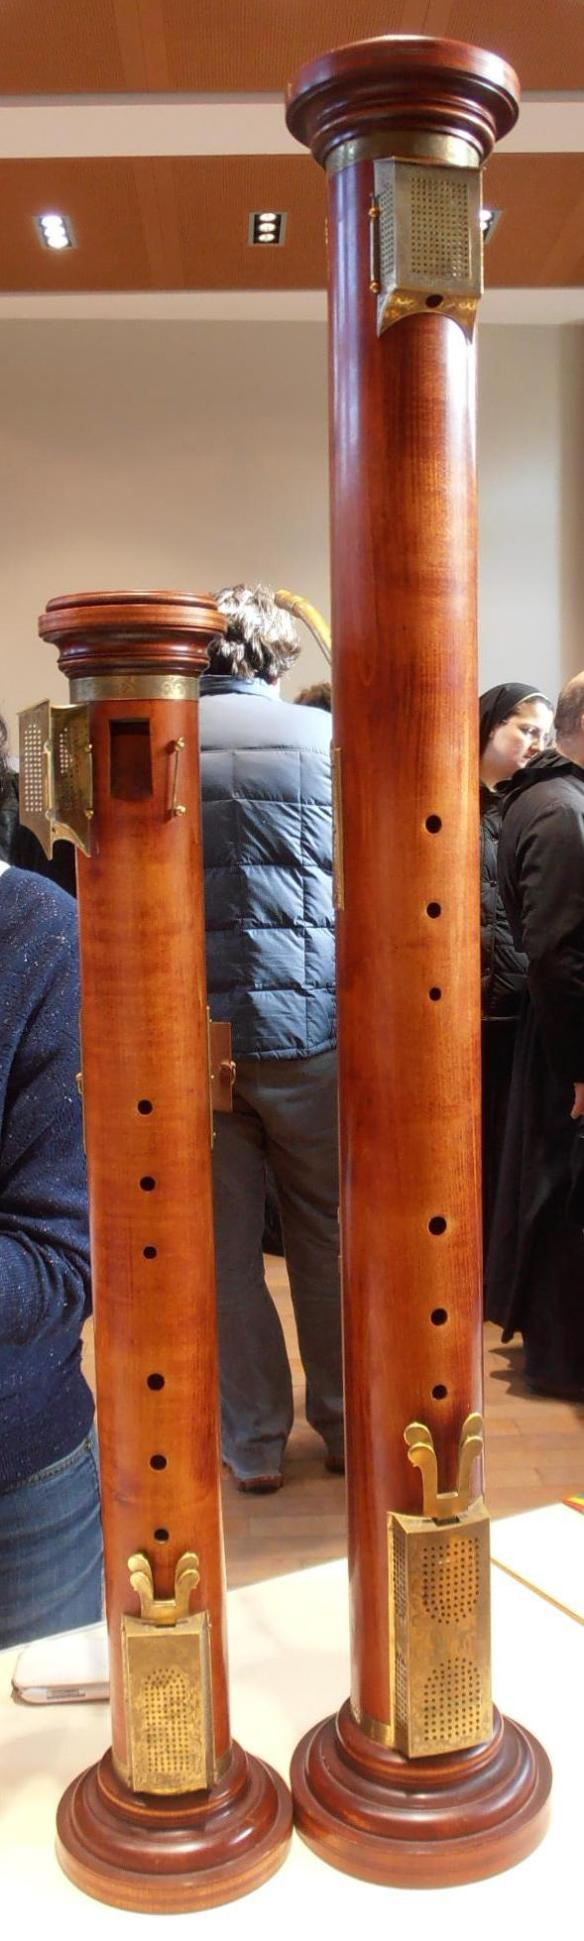 Figura 6: Flautas de columna tenor y bajo © ERTA France